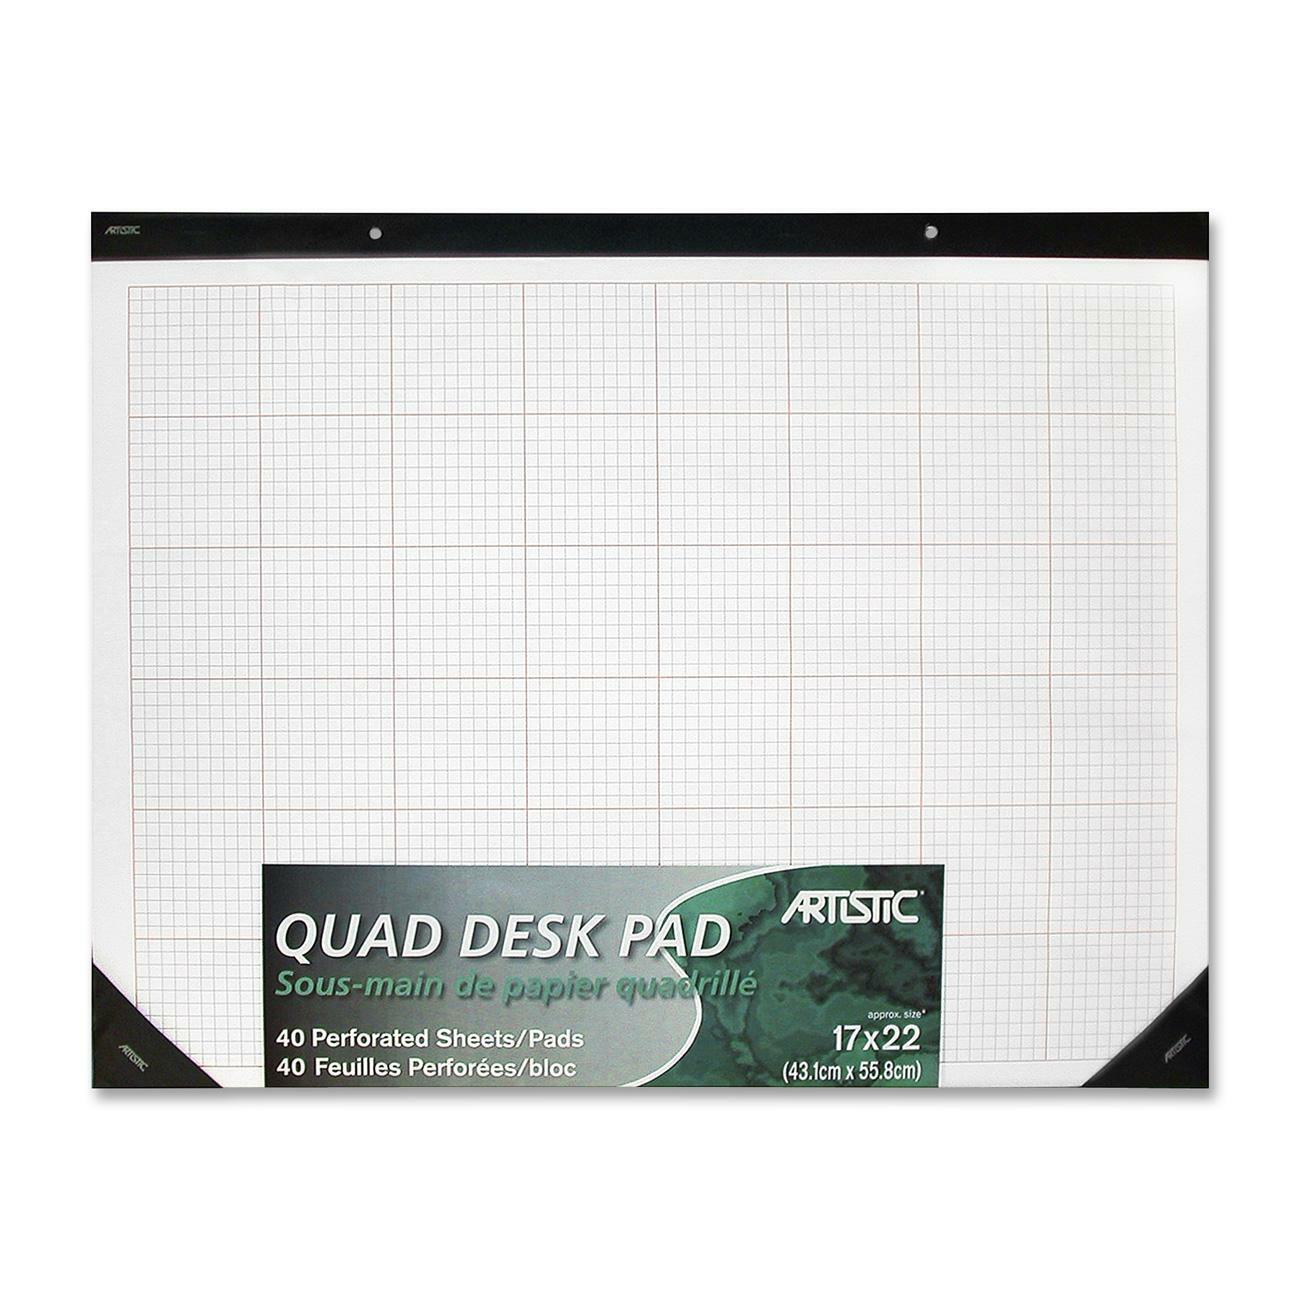 Artistic Quad Ruled Desk Pad